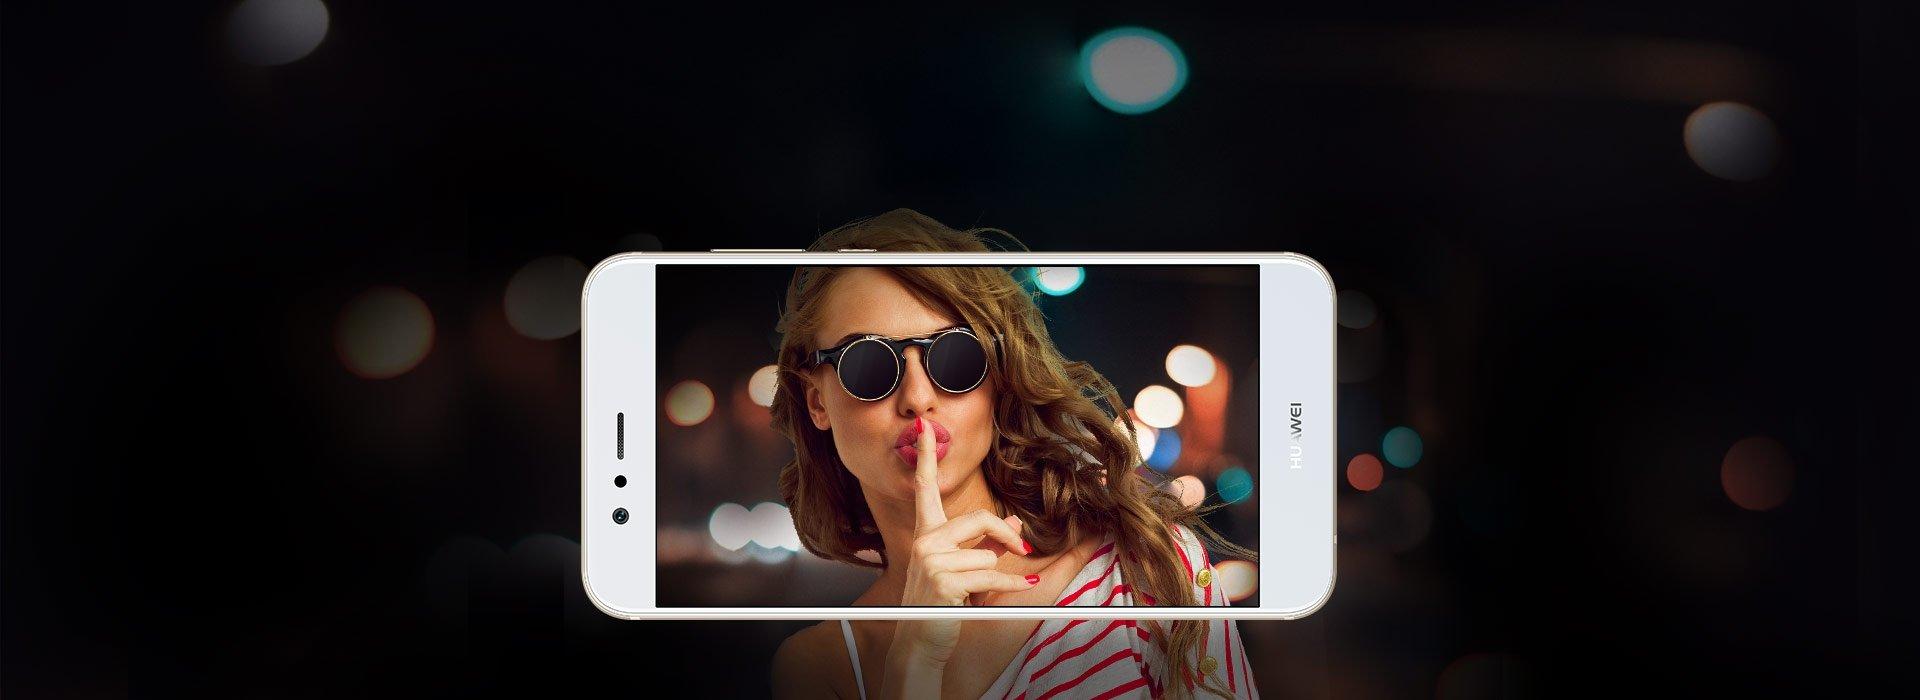 Обзор Huawei Nova 2 - фото со смартфона